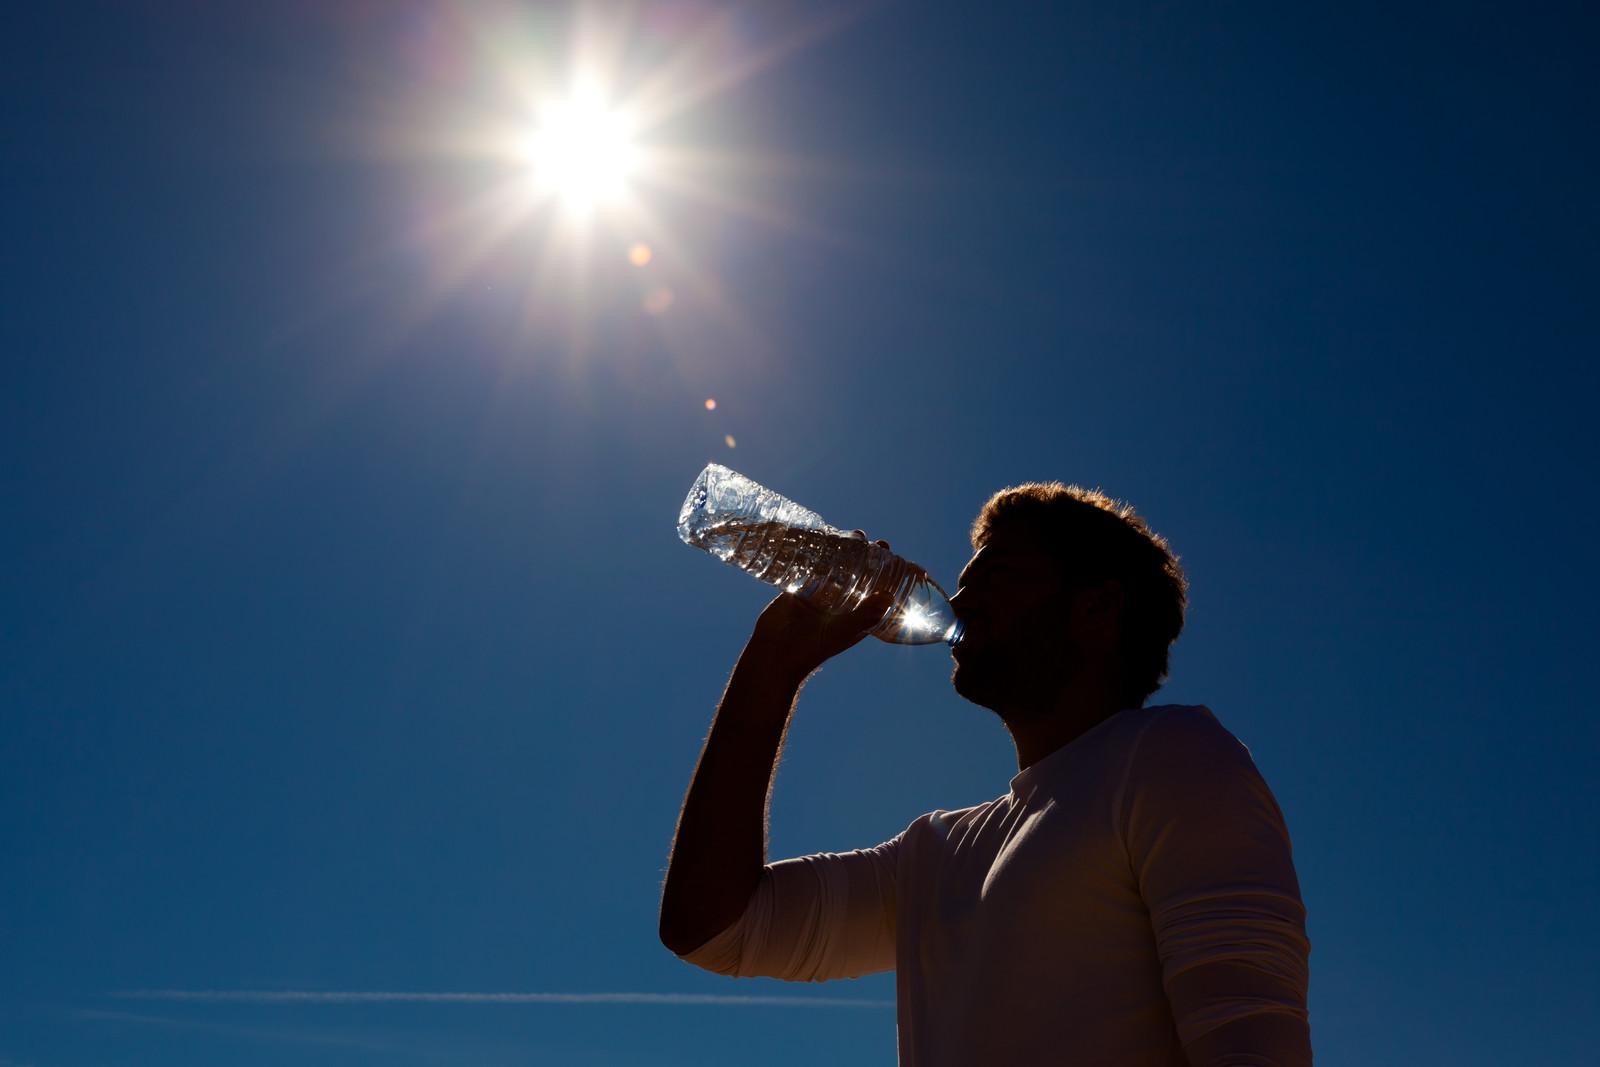 هر مرد و زن می بایست در طول روز چند لیوان آب بنوشد؟